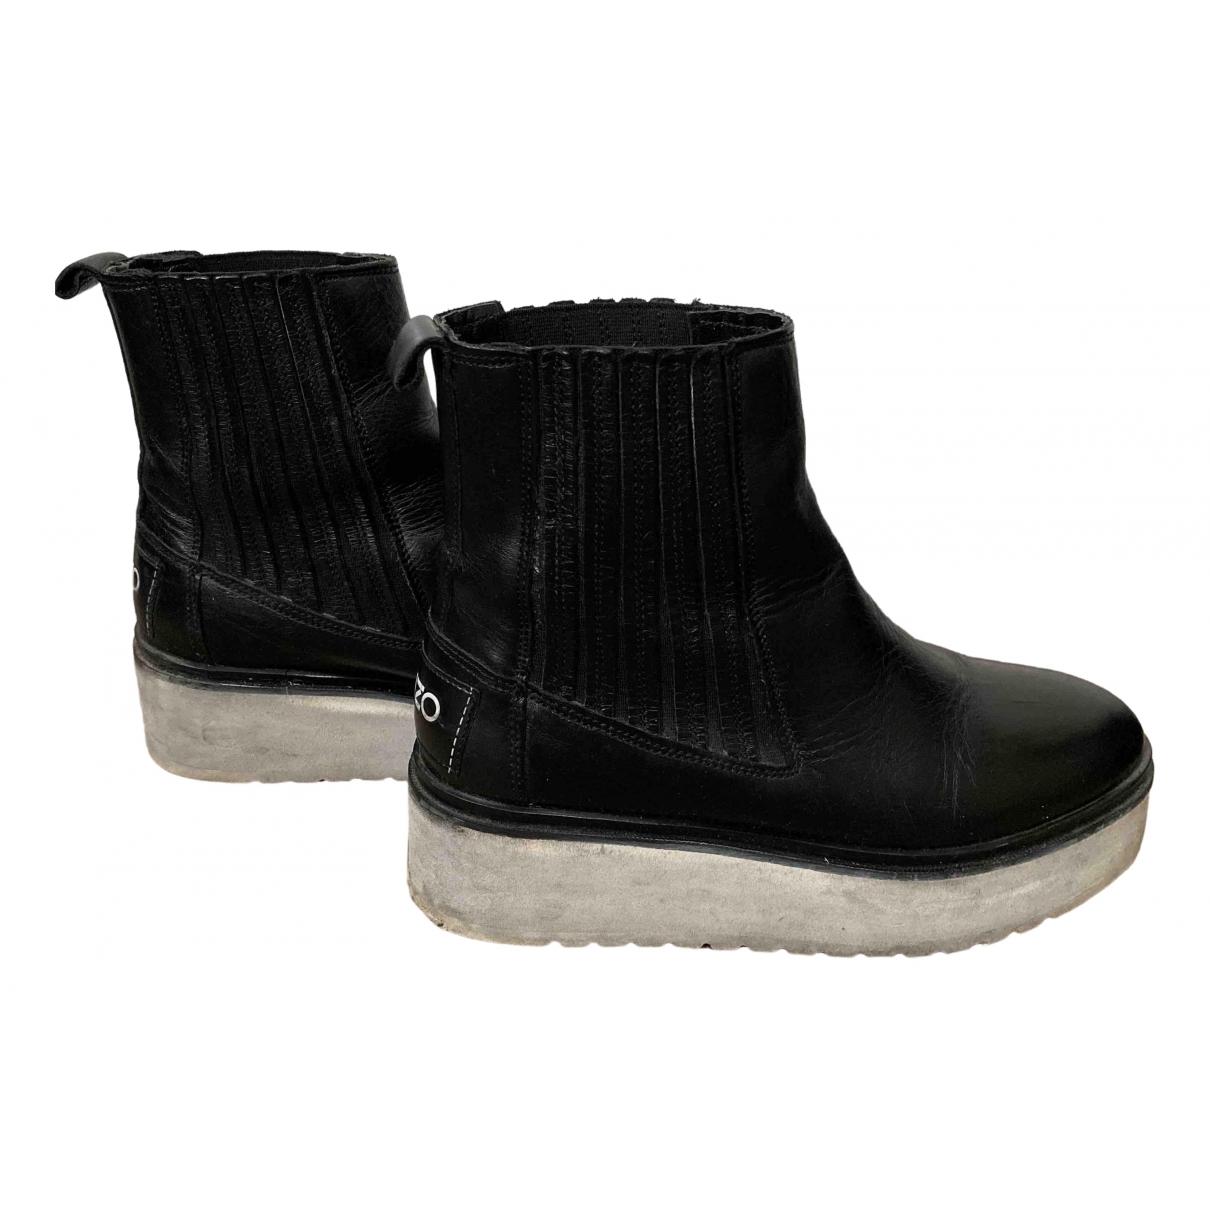 Kenzo - Boots   pour femme en cuir - noir